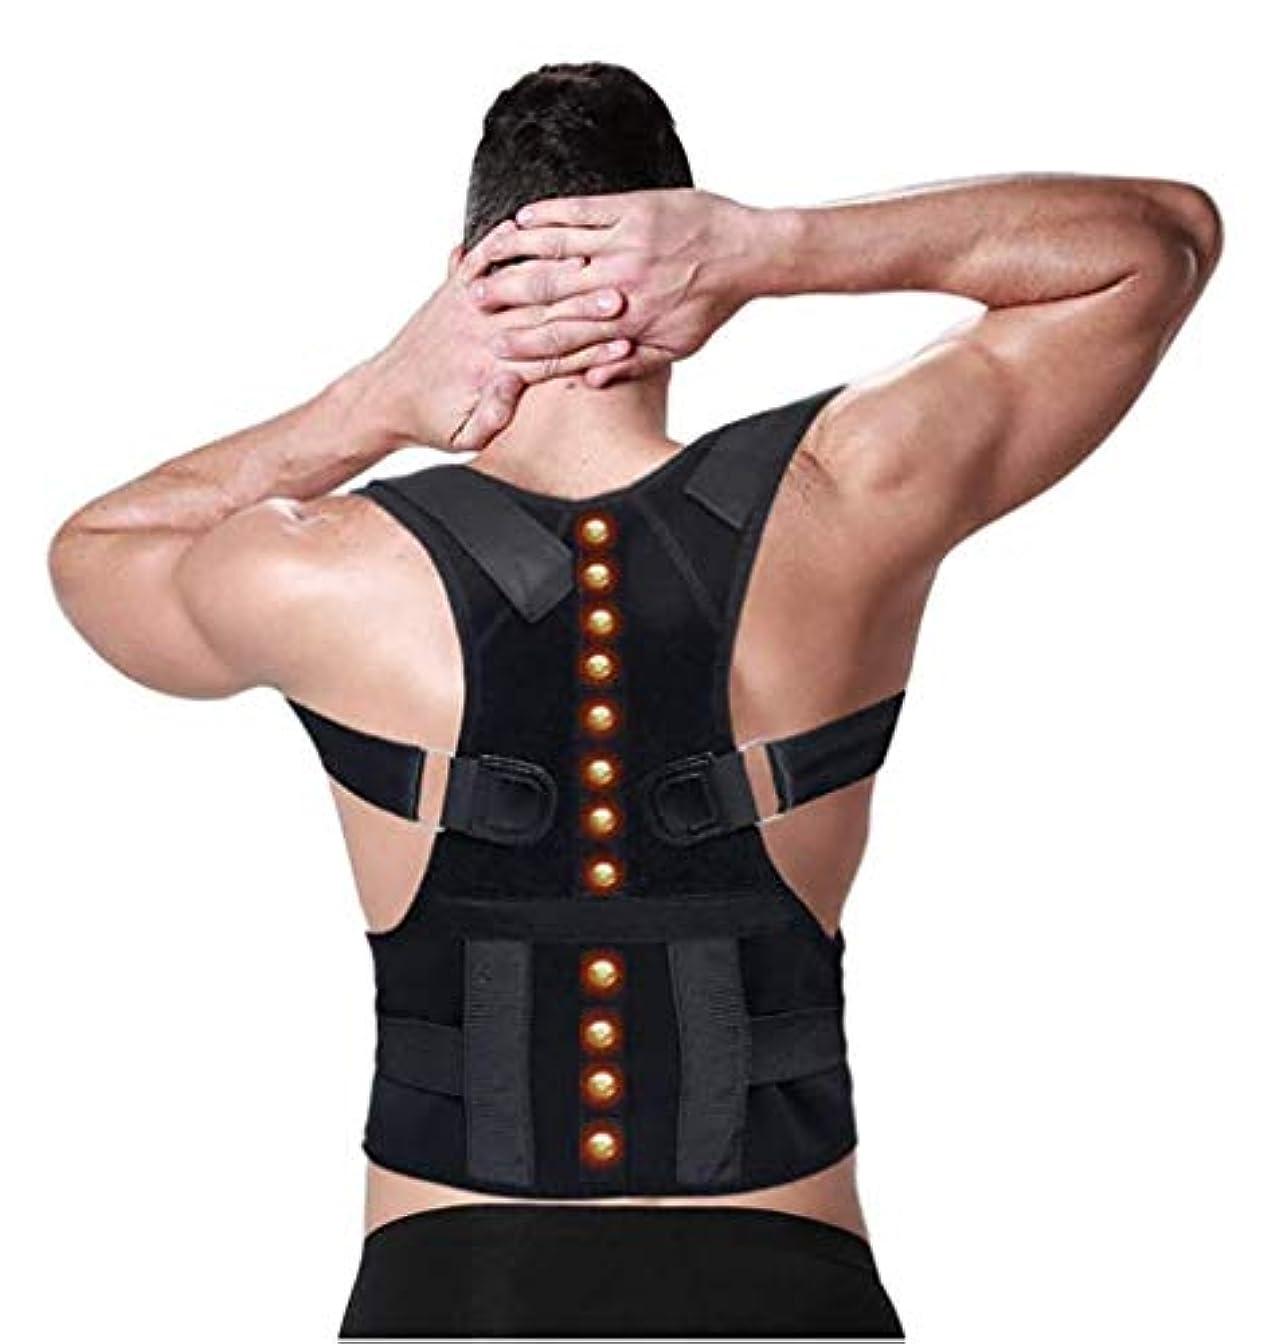 集める同僚刺す姿勢矯正ベルト、背部装具、悪い姿勢の改善、気質の改善、調整可能、腰痛緩和のためのダブルストロングスプリント、オフィス学習演習用 (Size : M)